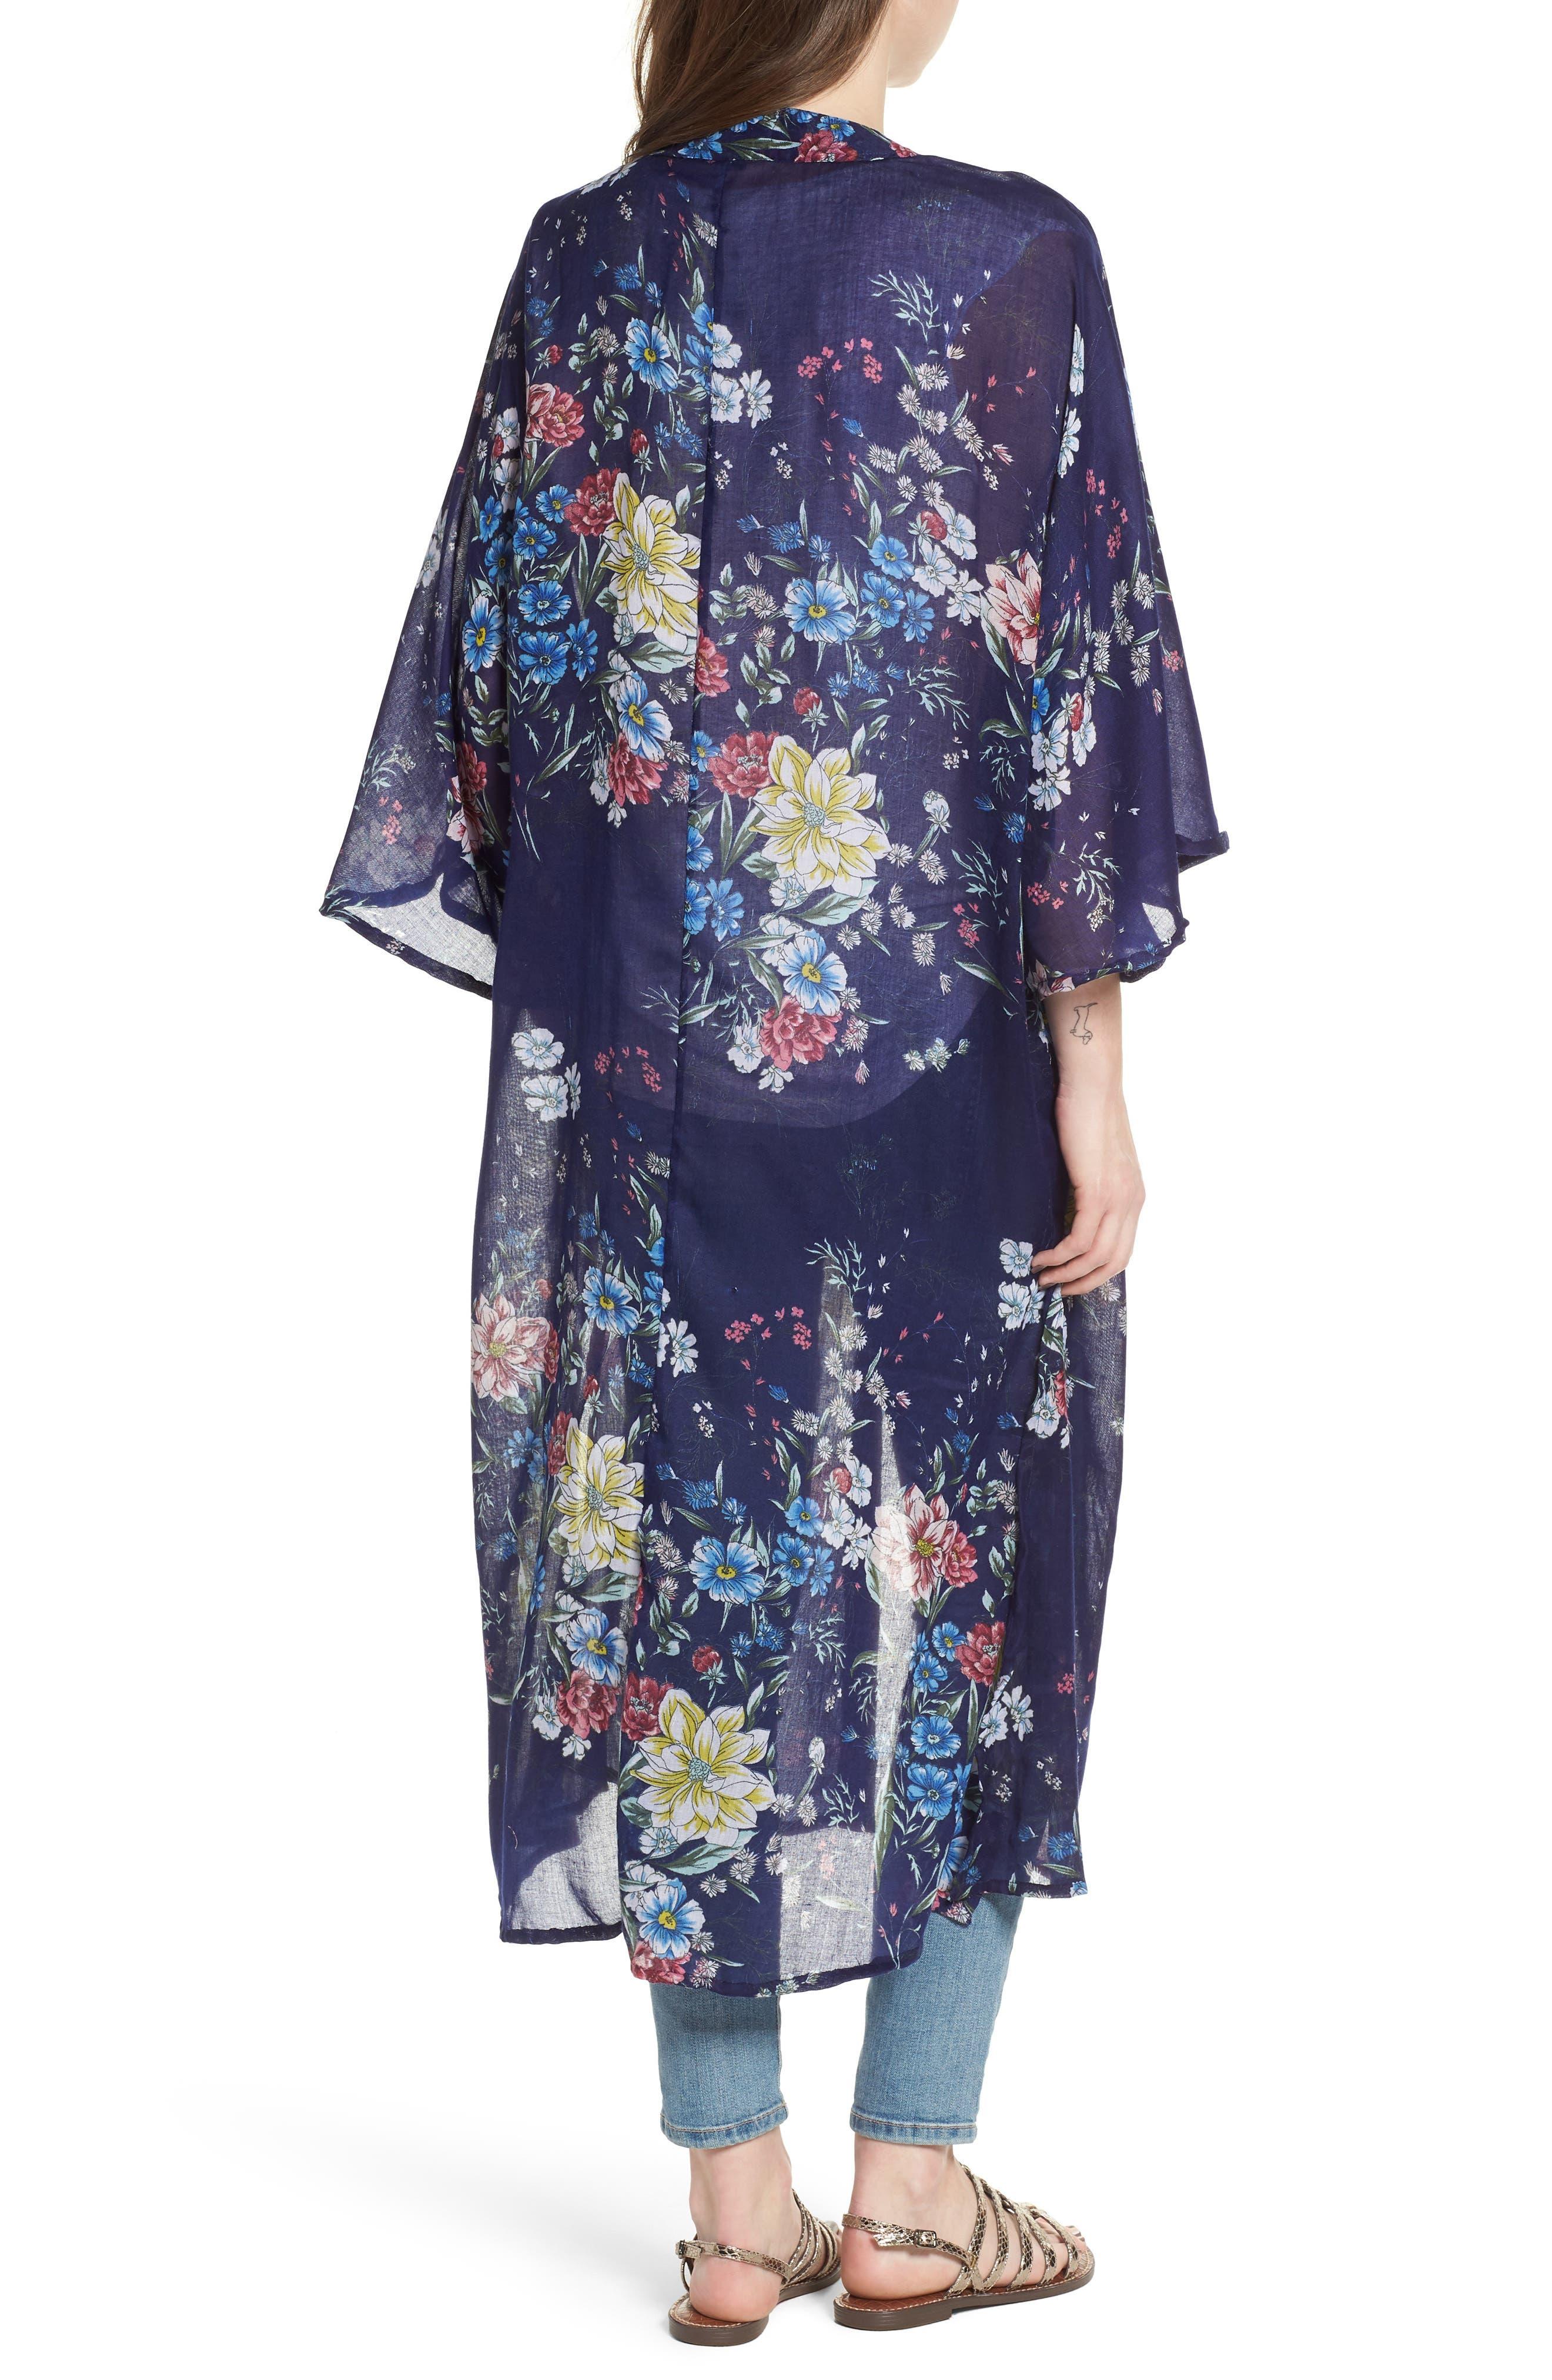 STEVE MADDEN,                             Floral Kimono Duster,                             Alternate thumbnail 2, color,                             410